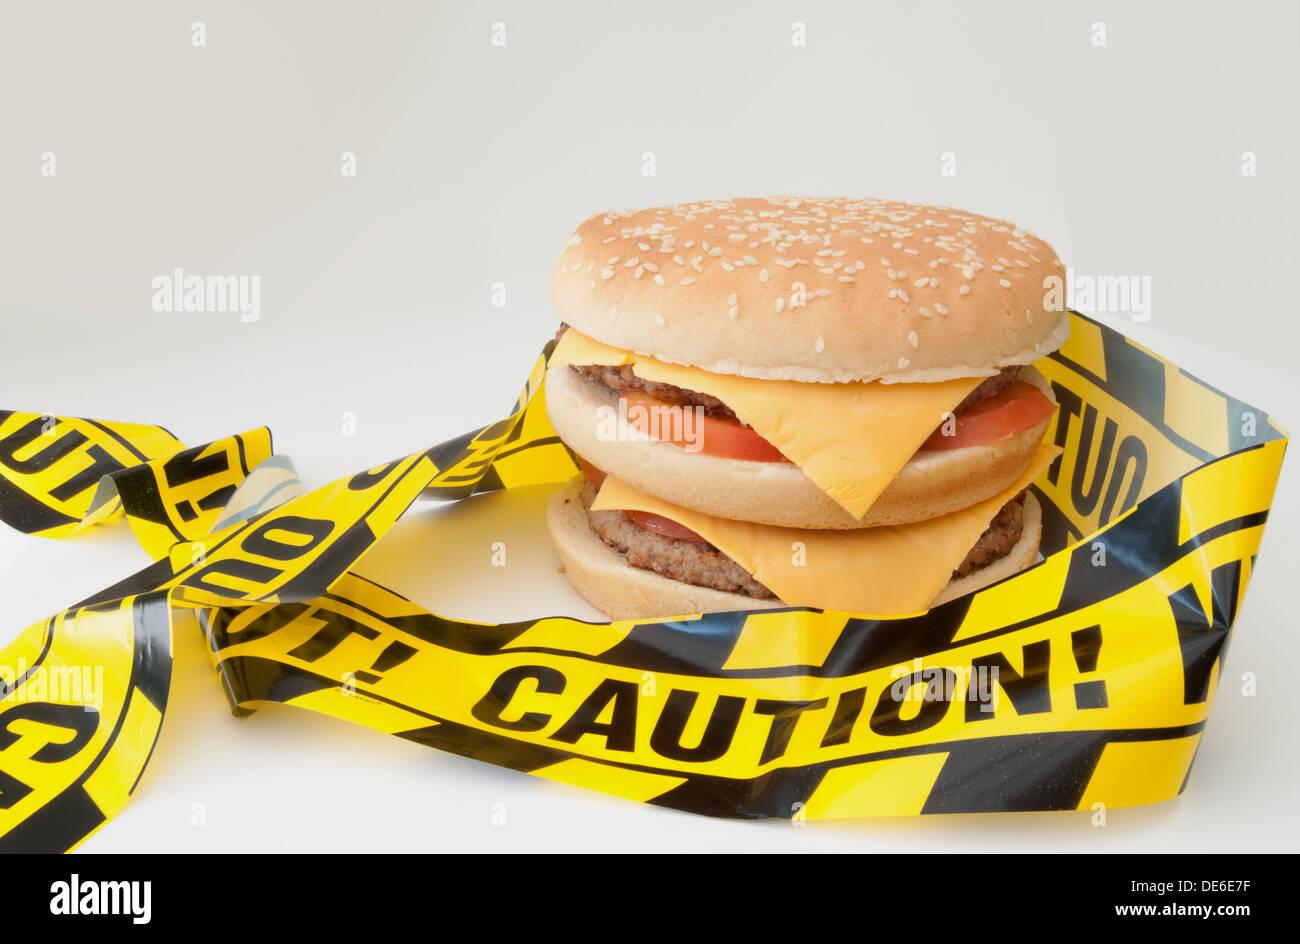 Una alimentación insana advertencia Imagen De Stock